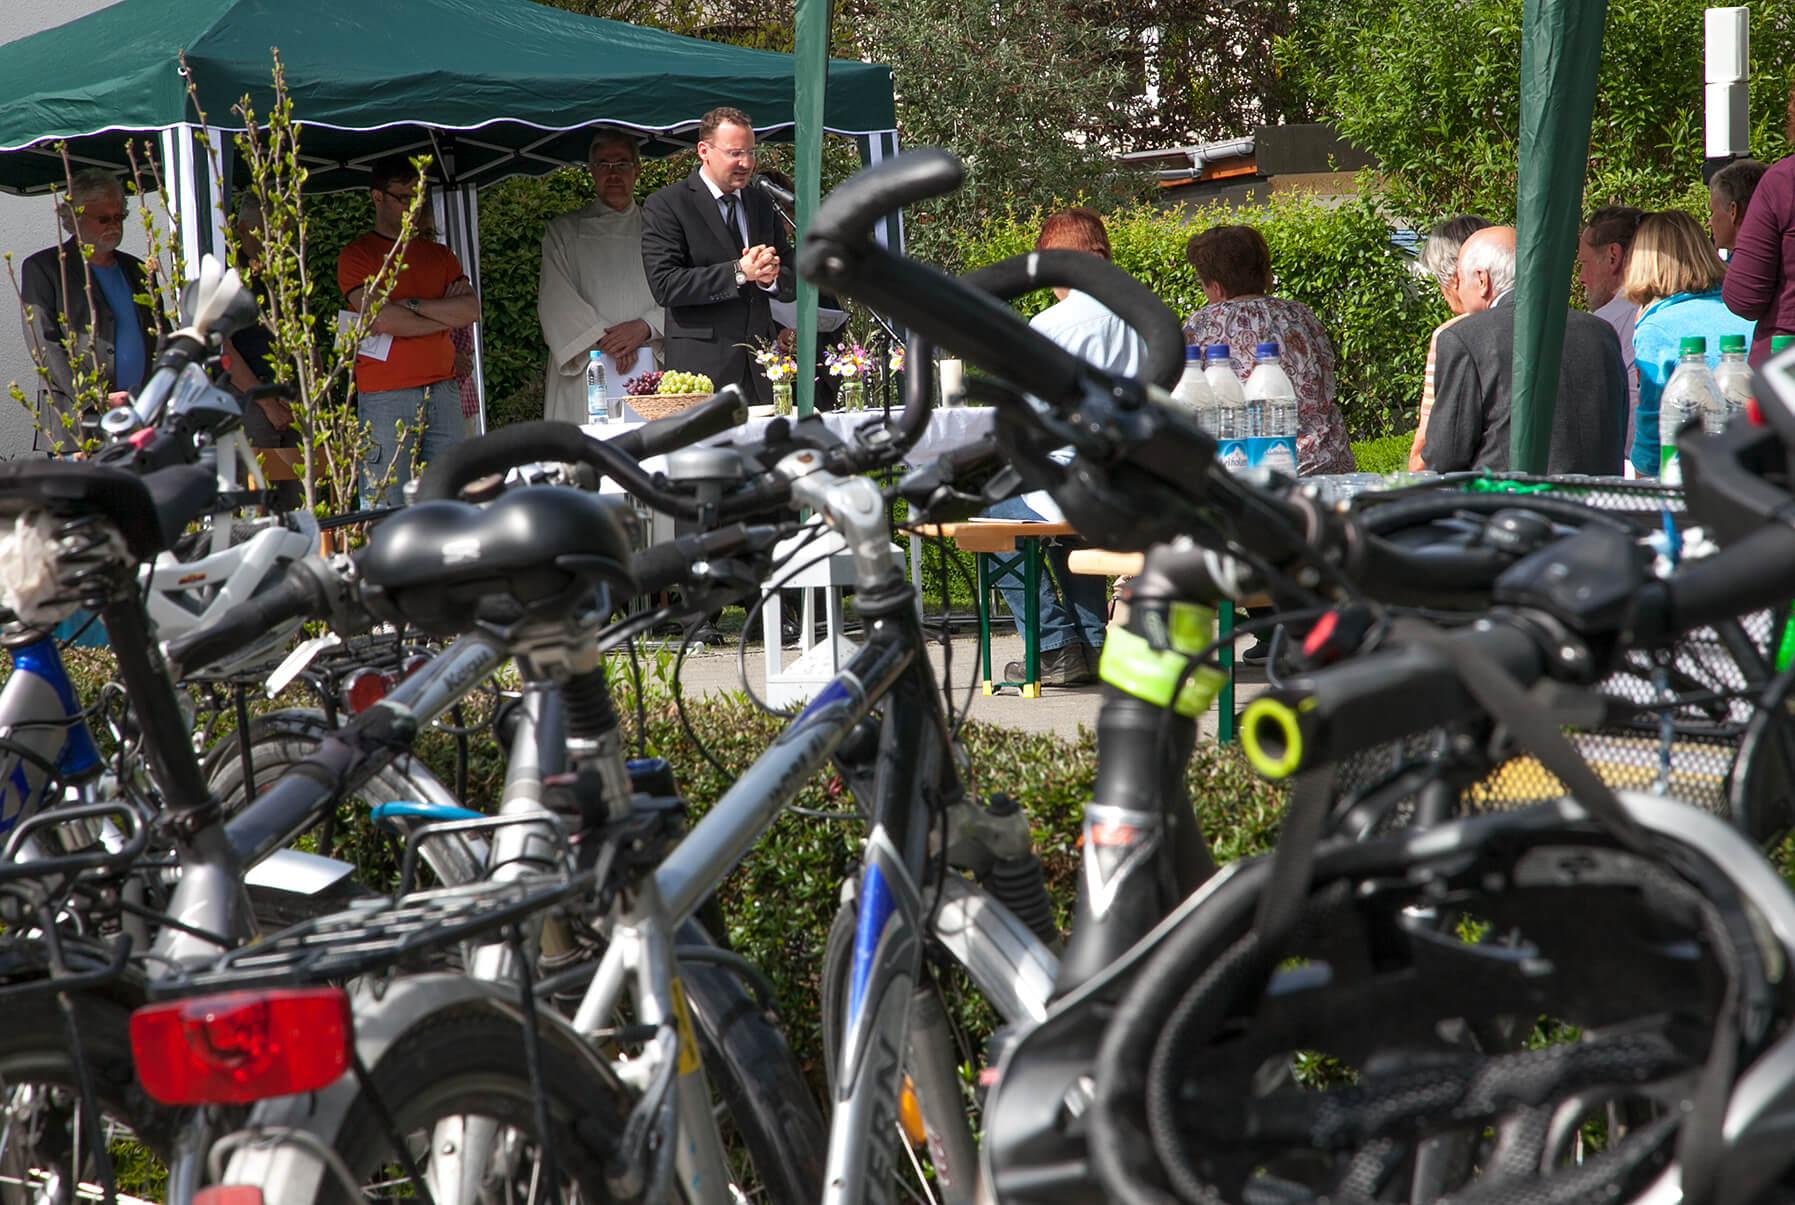 Für eine Stunde ließen die Radler des Allgemeinen Fahrrad-Clubs Fürstenfeldbruck (adfc) ihre Fahrräder stehen und suchten Ruhe und innere Einkehr bei einem Gottesdienst vor der Neuapostolischen Kirche in Fürstenfeldbruck. Foto: Stefan Trebing